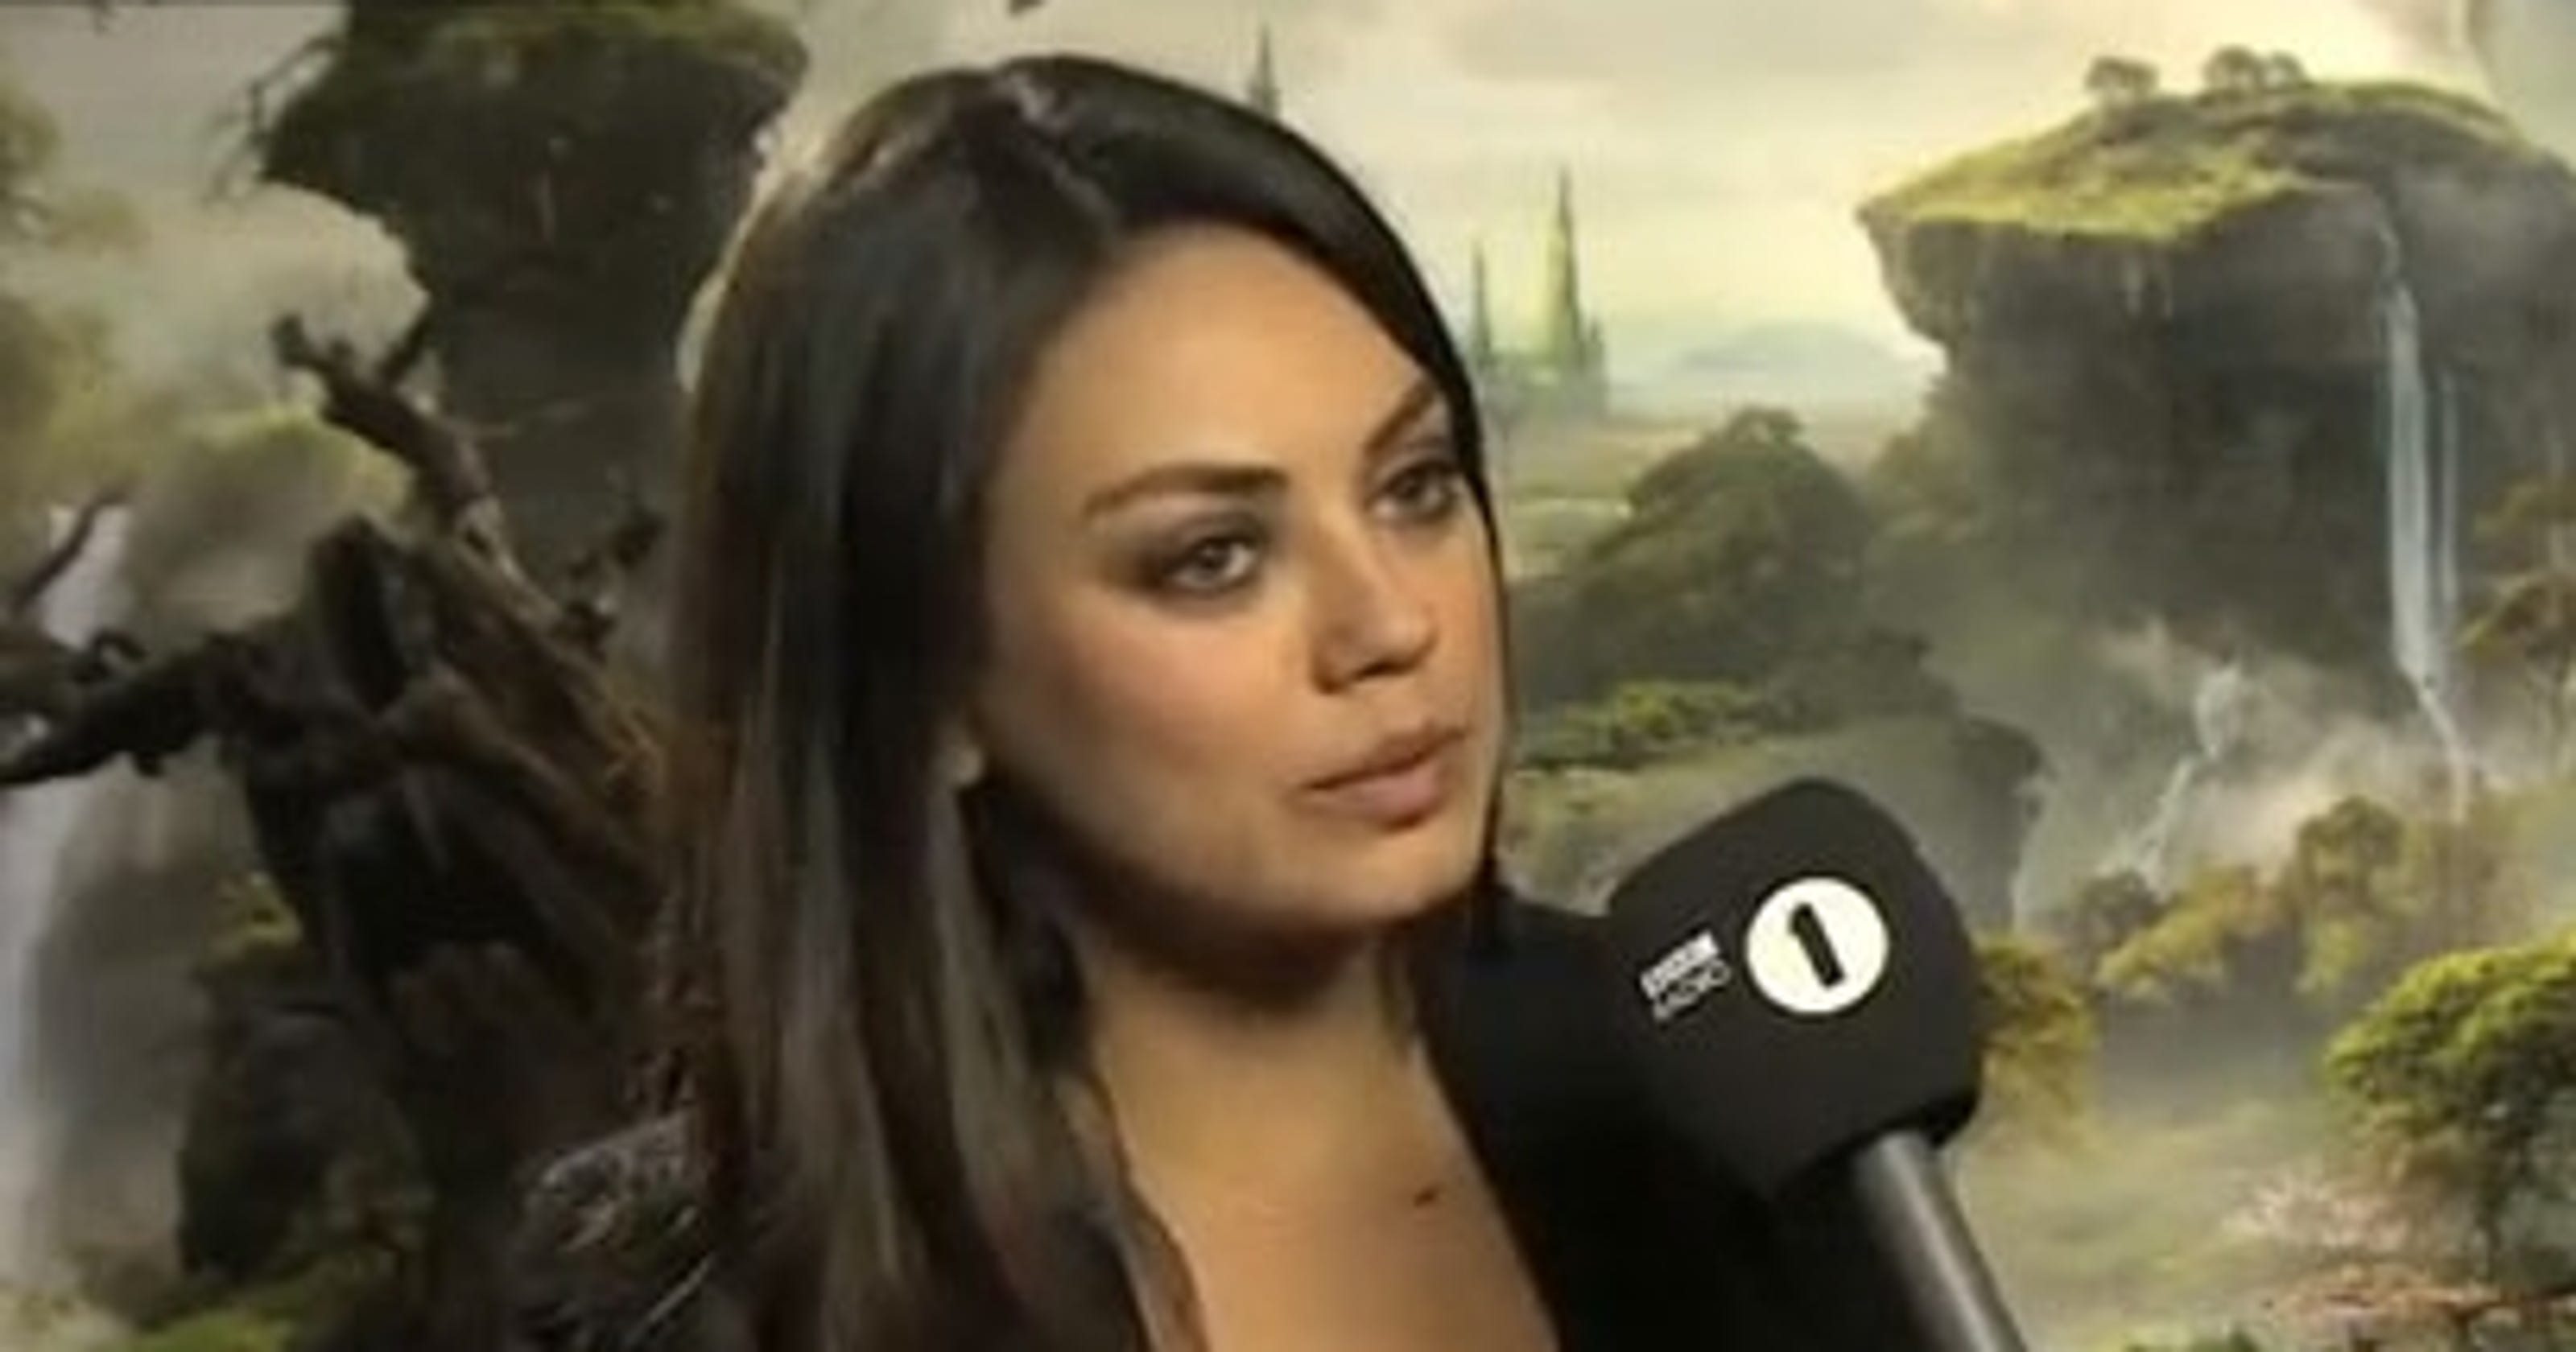 Charmed Mila Kunis helps starstruck BBC reporter